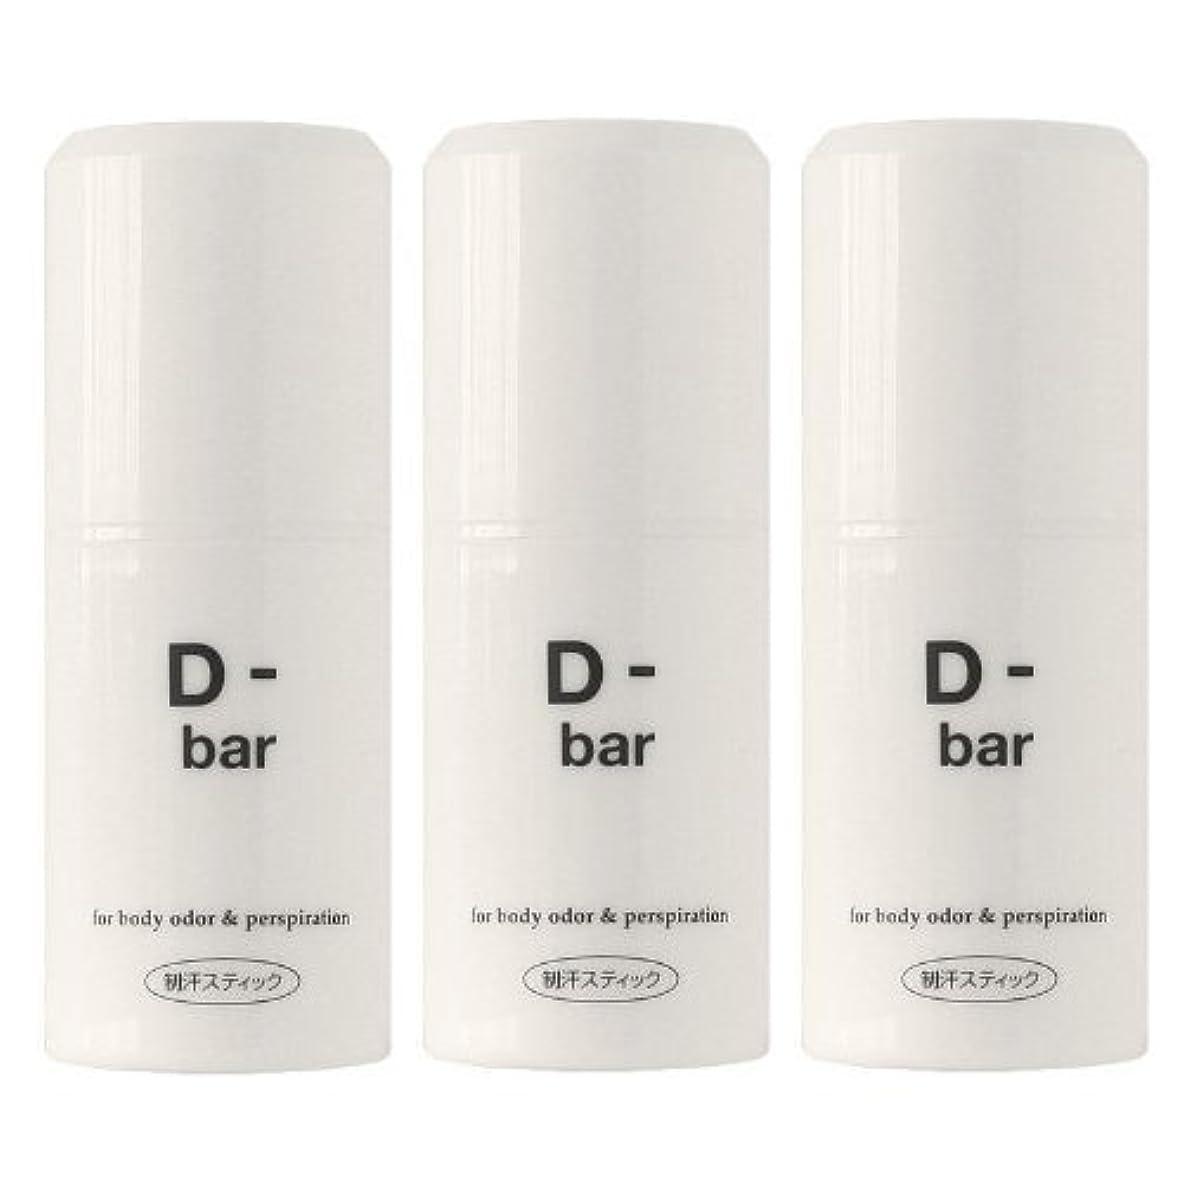 手数料プランテーションスラッシュディーバー(D-bar) 3本セット